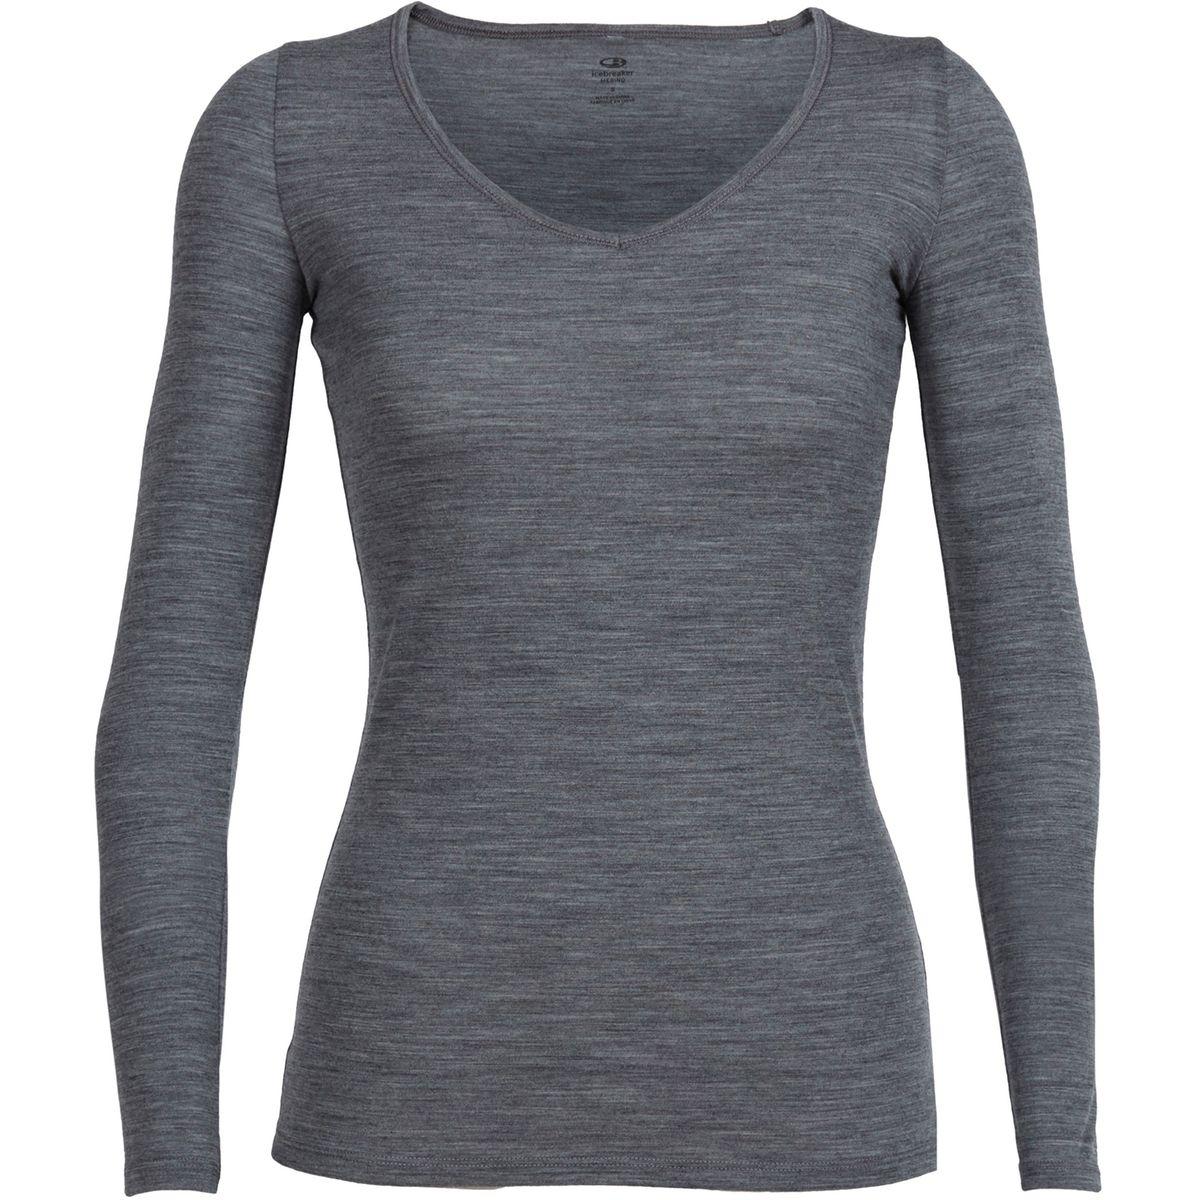 Siren - Sous-vêtement Femme - gris